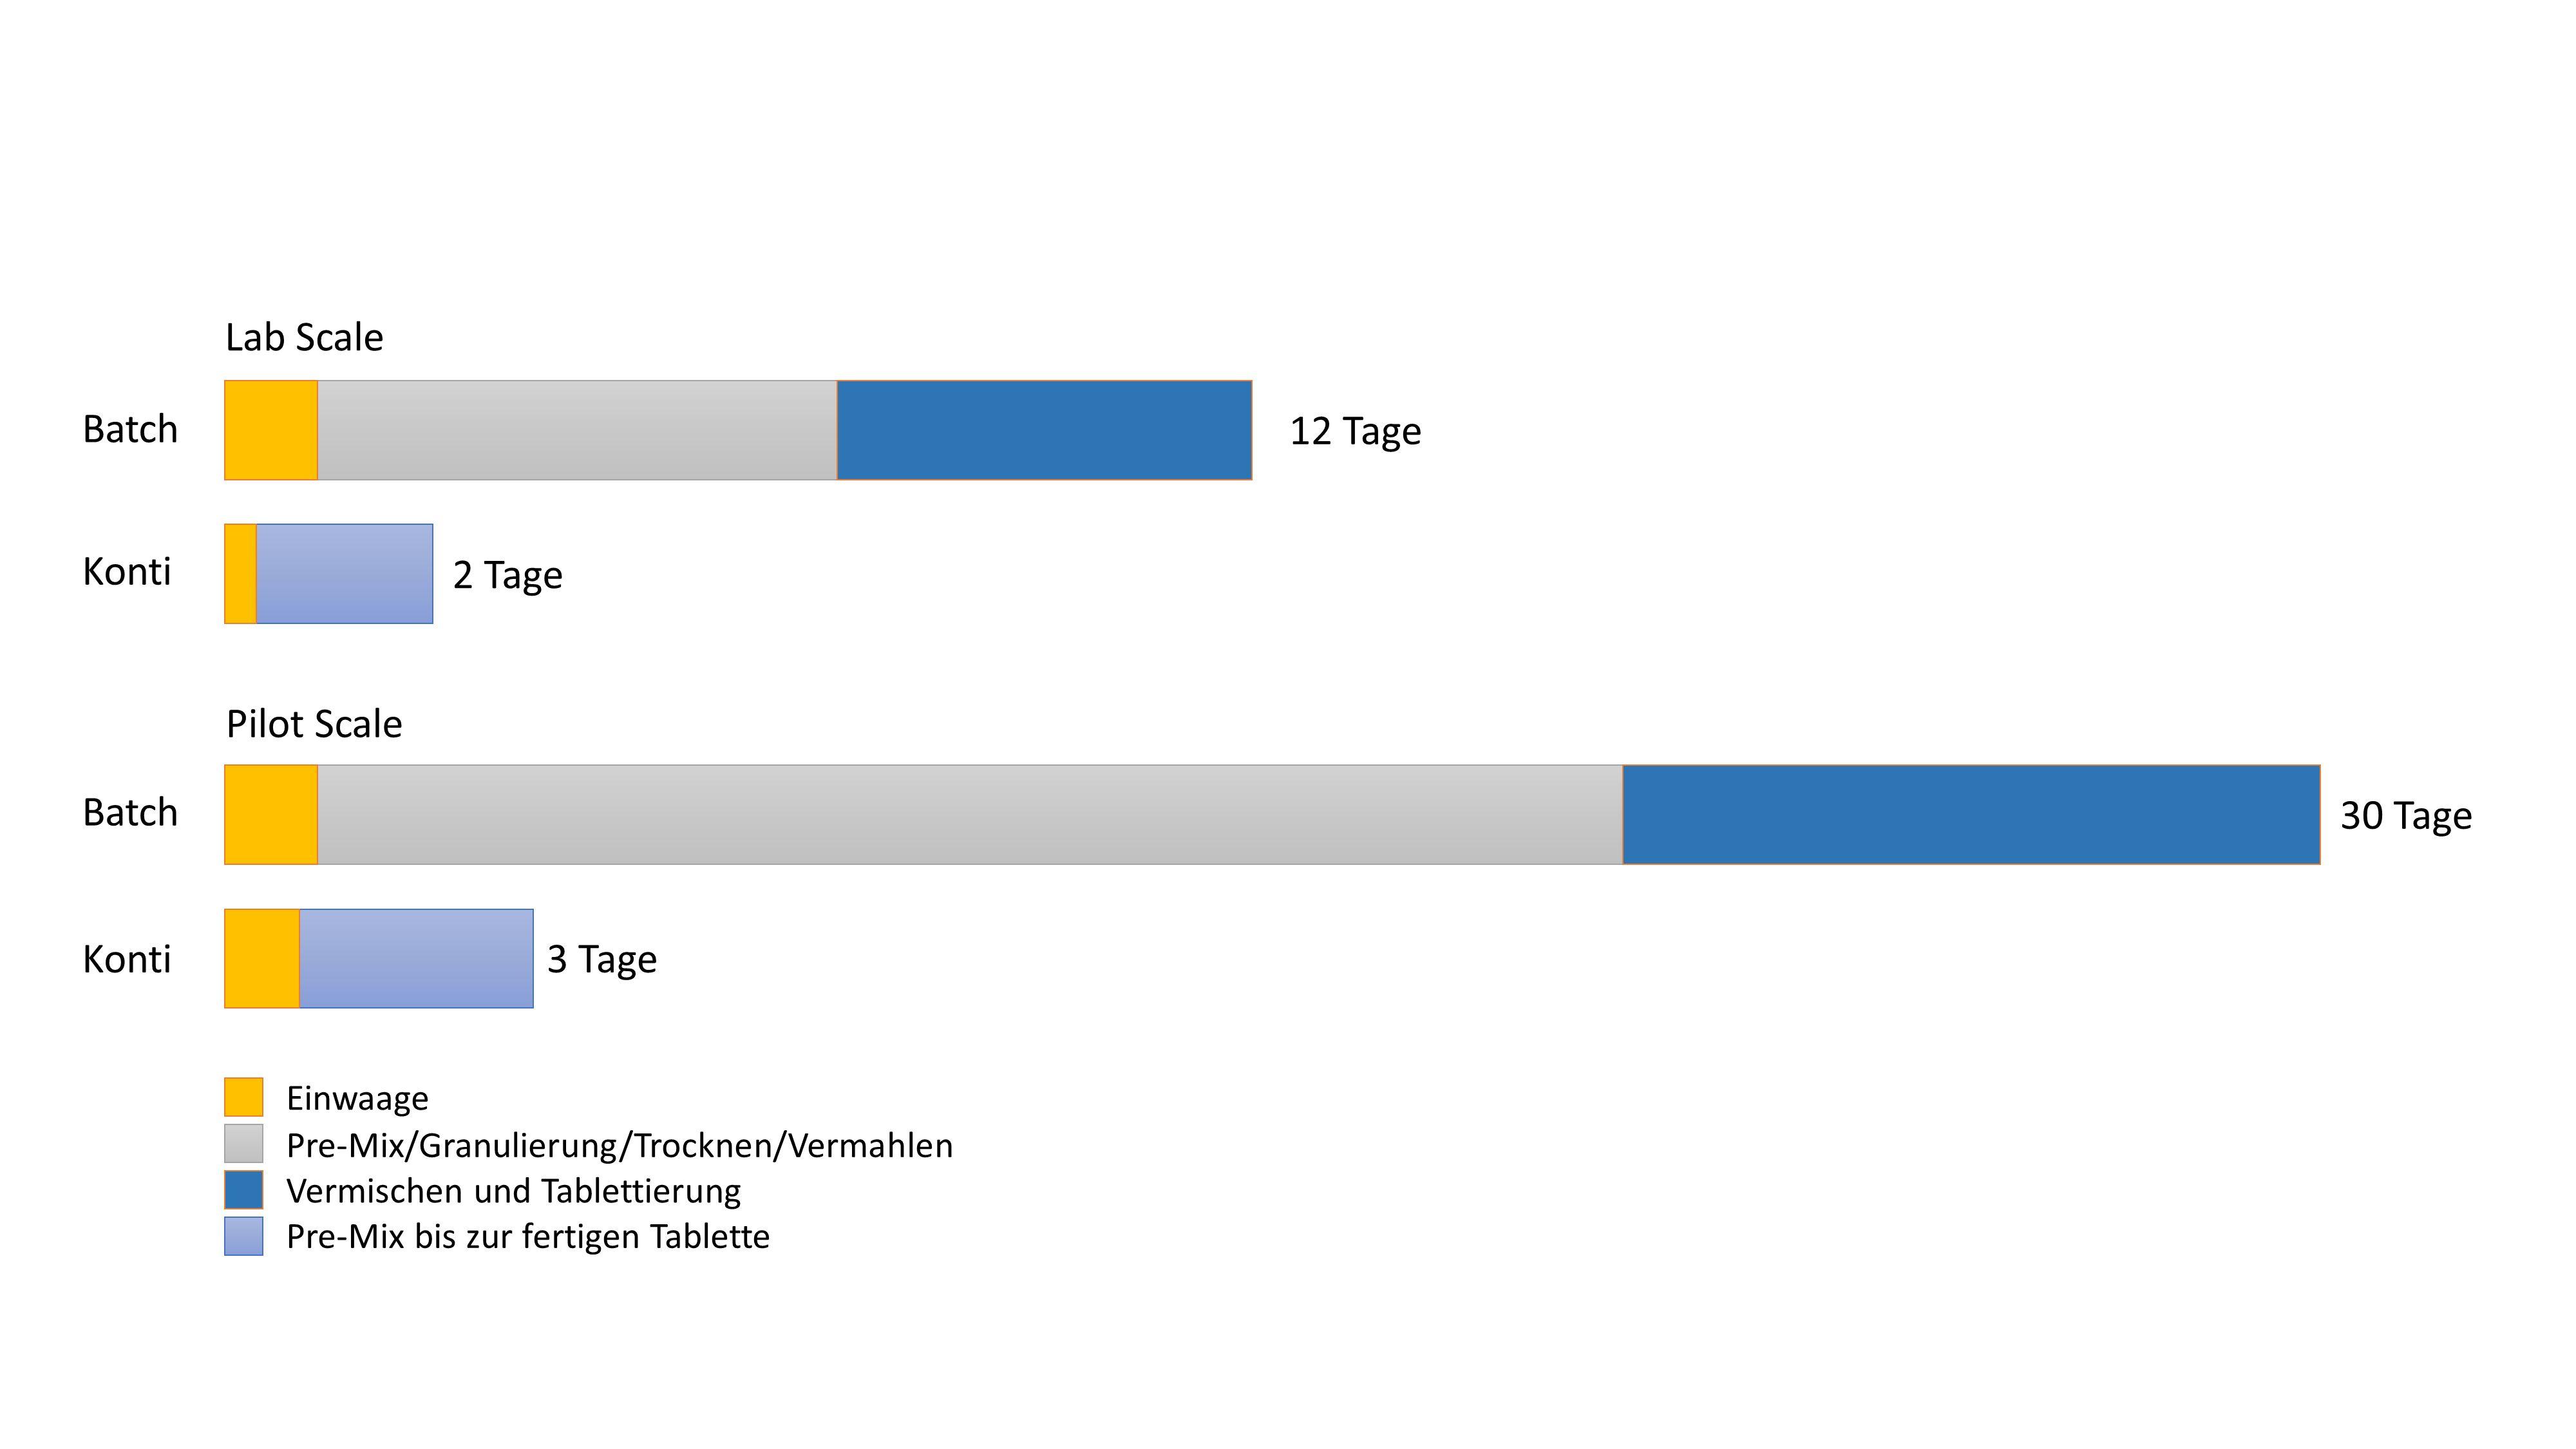 Kontinuierliche Produktion und High Containment / Vorteile von Kontinuierlicher und Batchproduktion